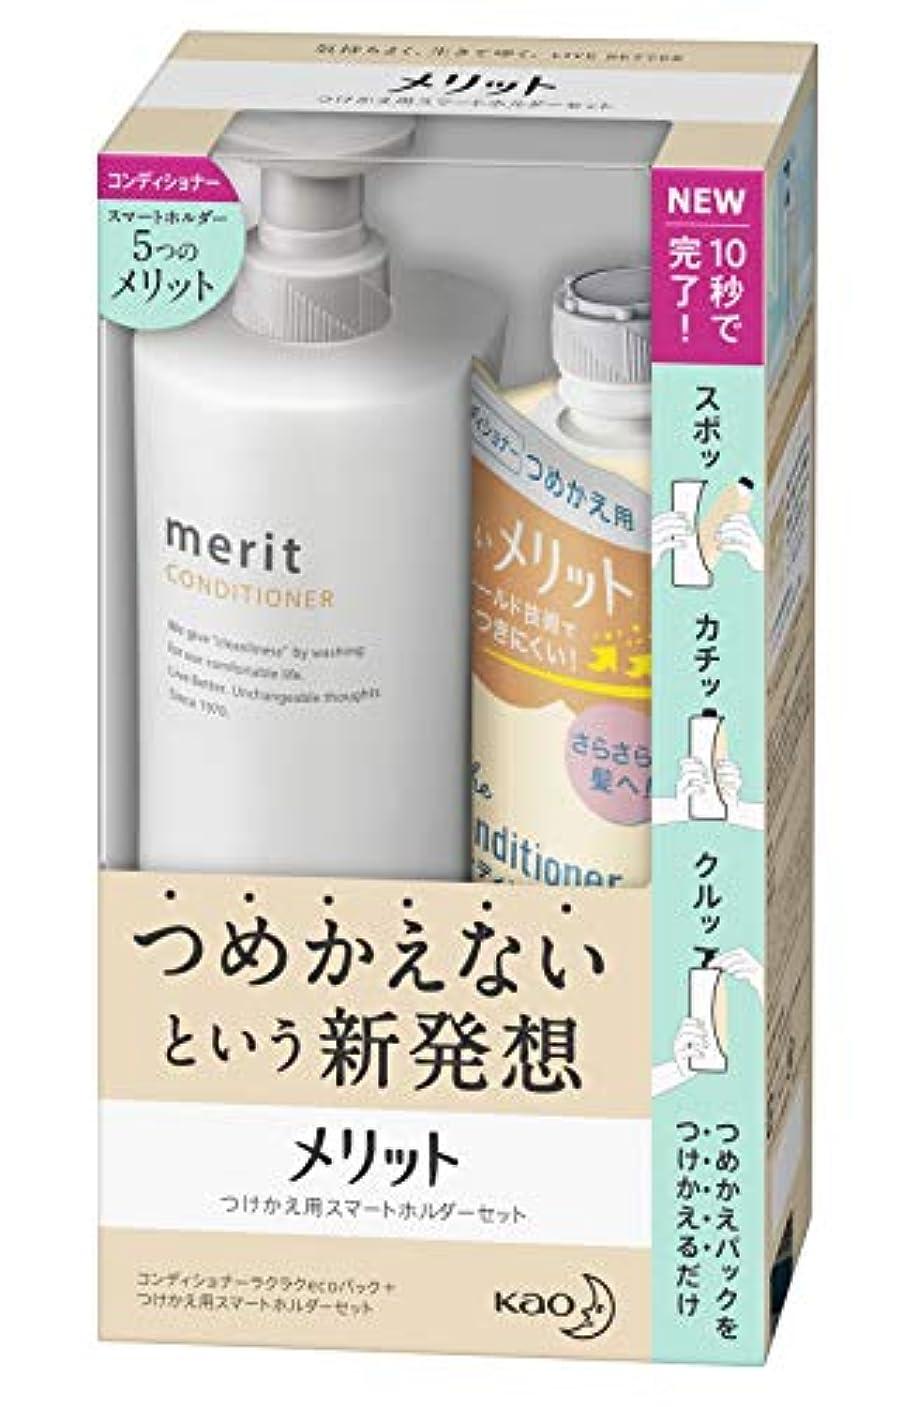 シーン卑しい肺炎メリット コンディショナー つけかえ用 (340ml) + スマートホルダー セット ナチュラルフローラルの優しい香り 1組+